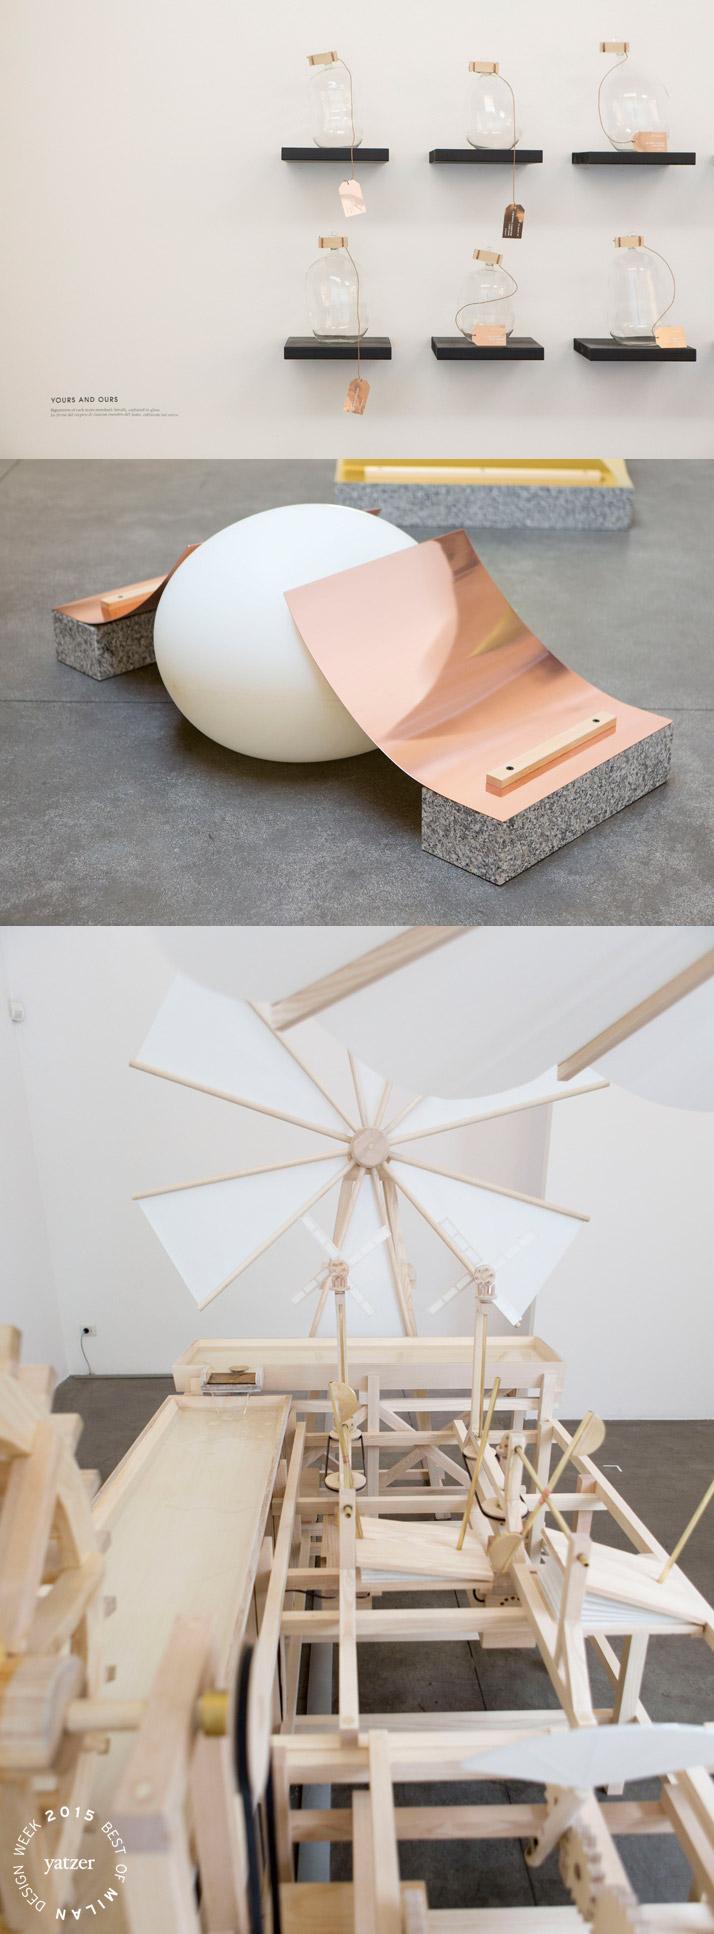 milan-design-week-2015-hisheji (124)